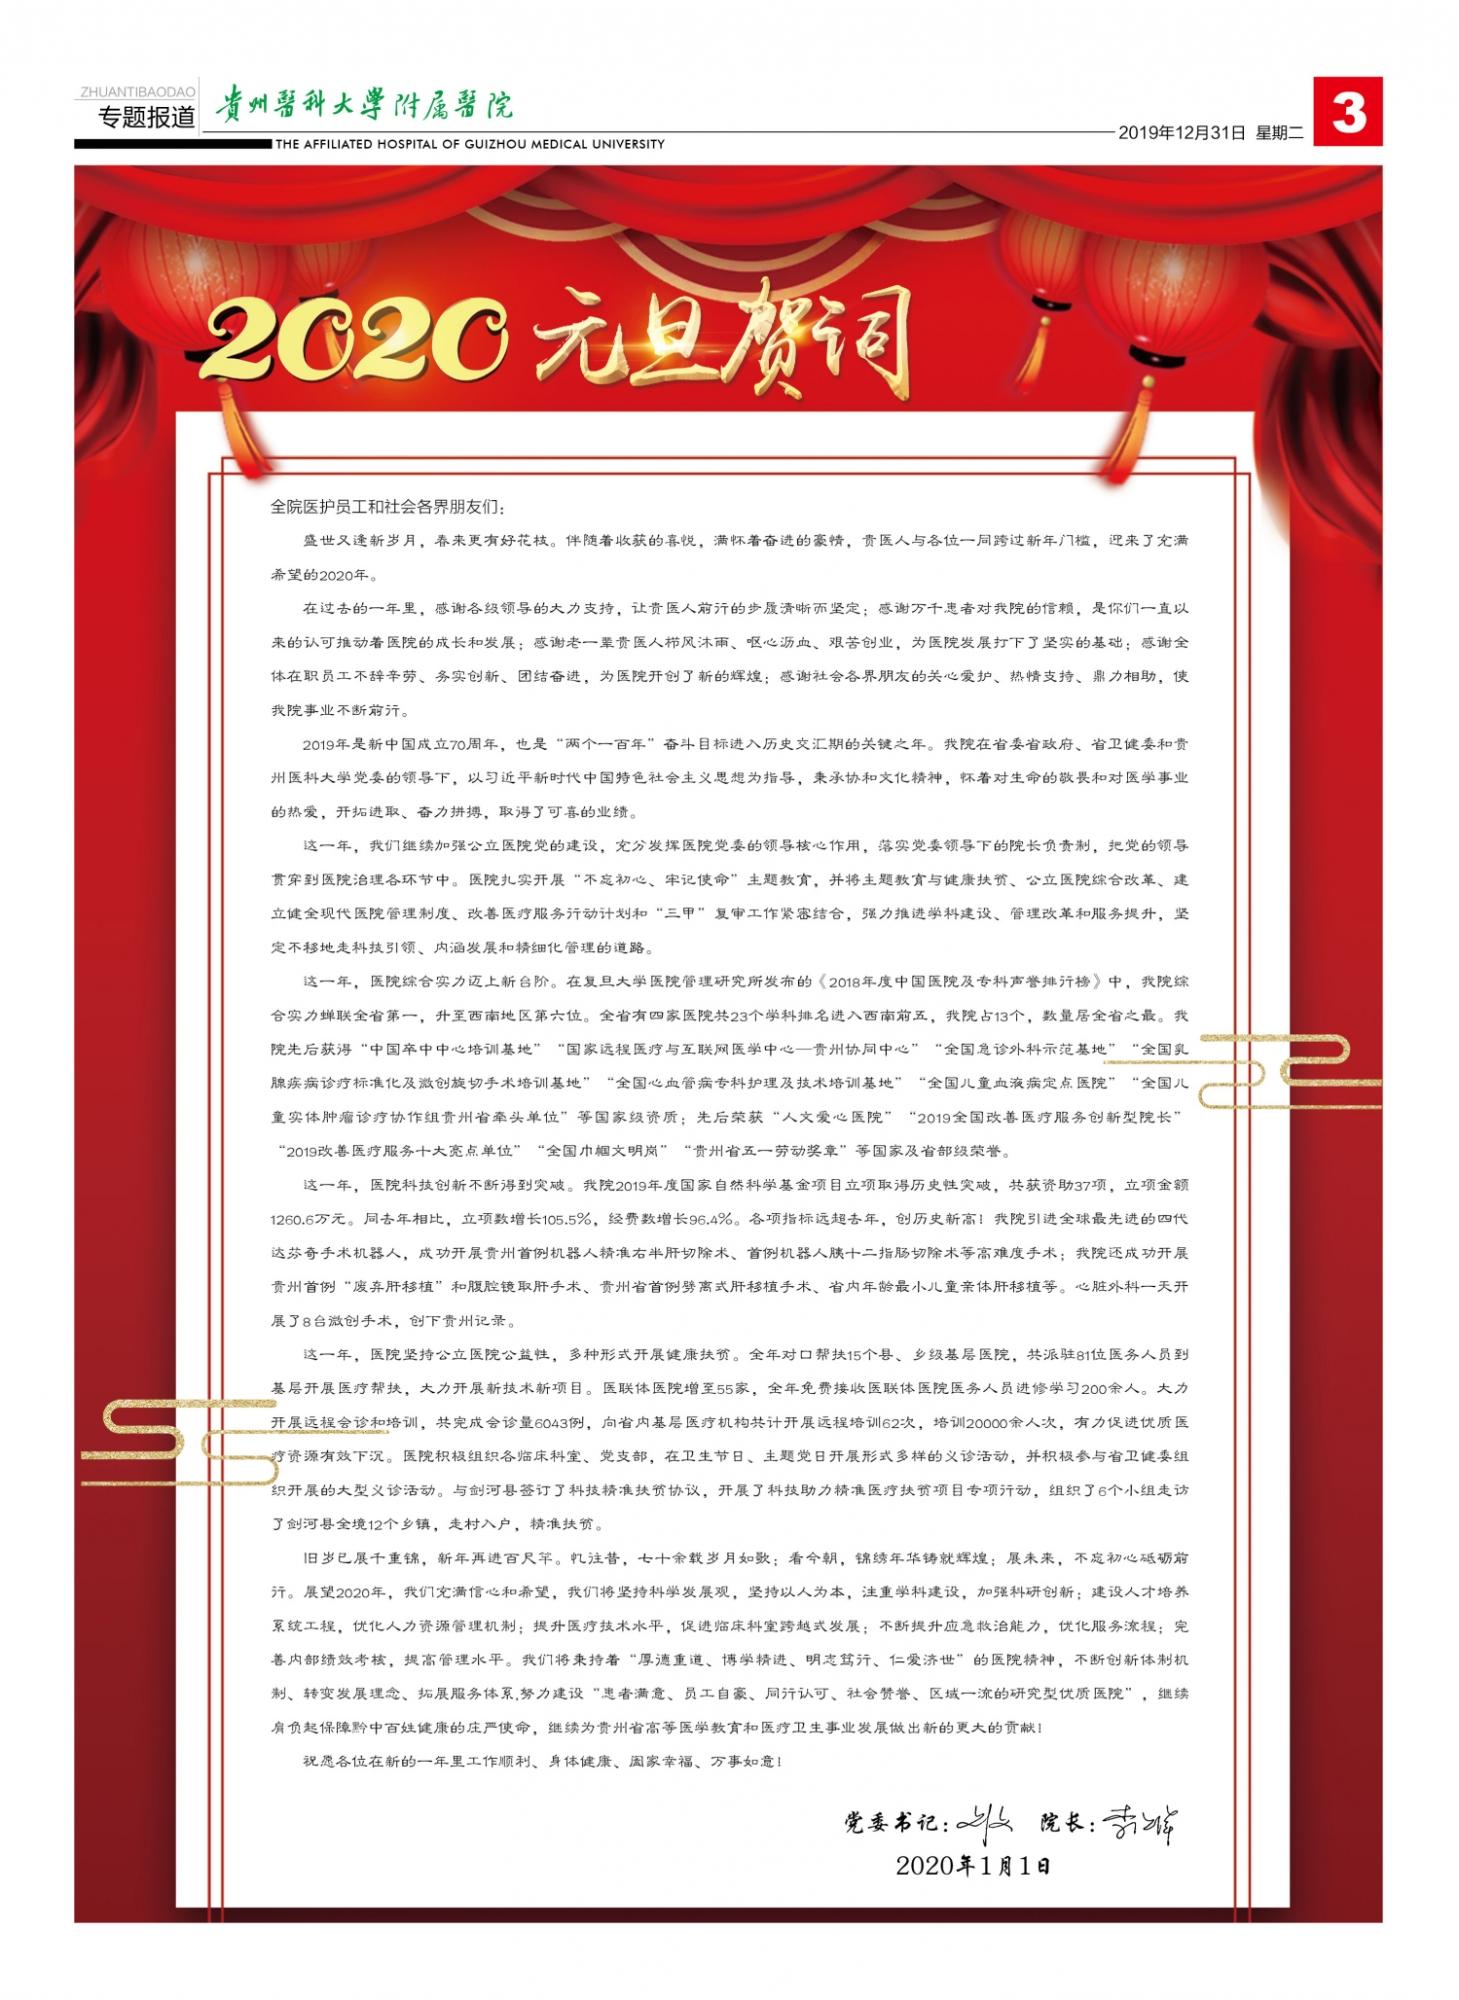 貴醫報107期3版